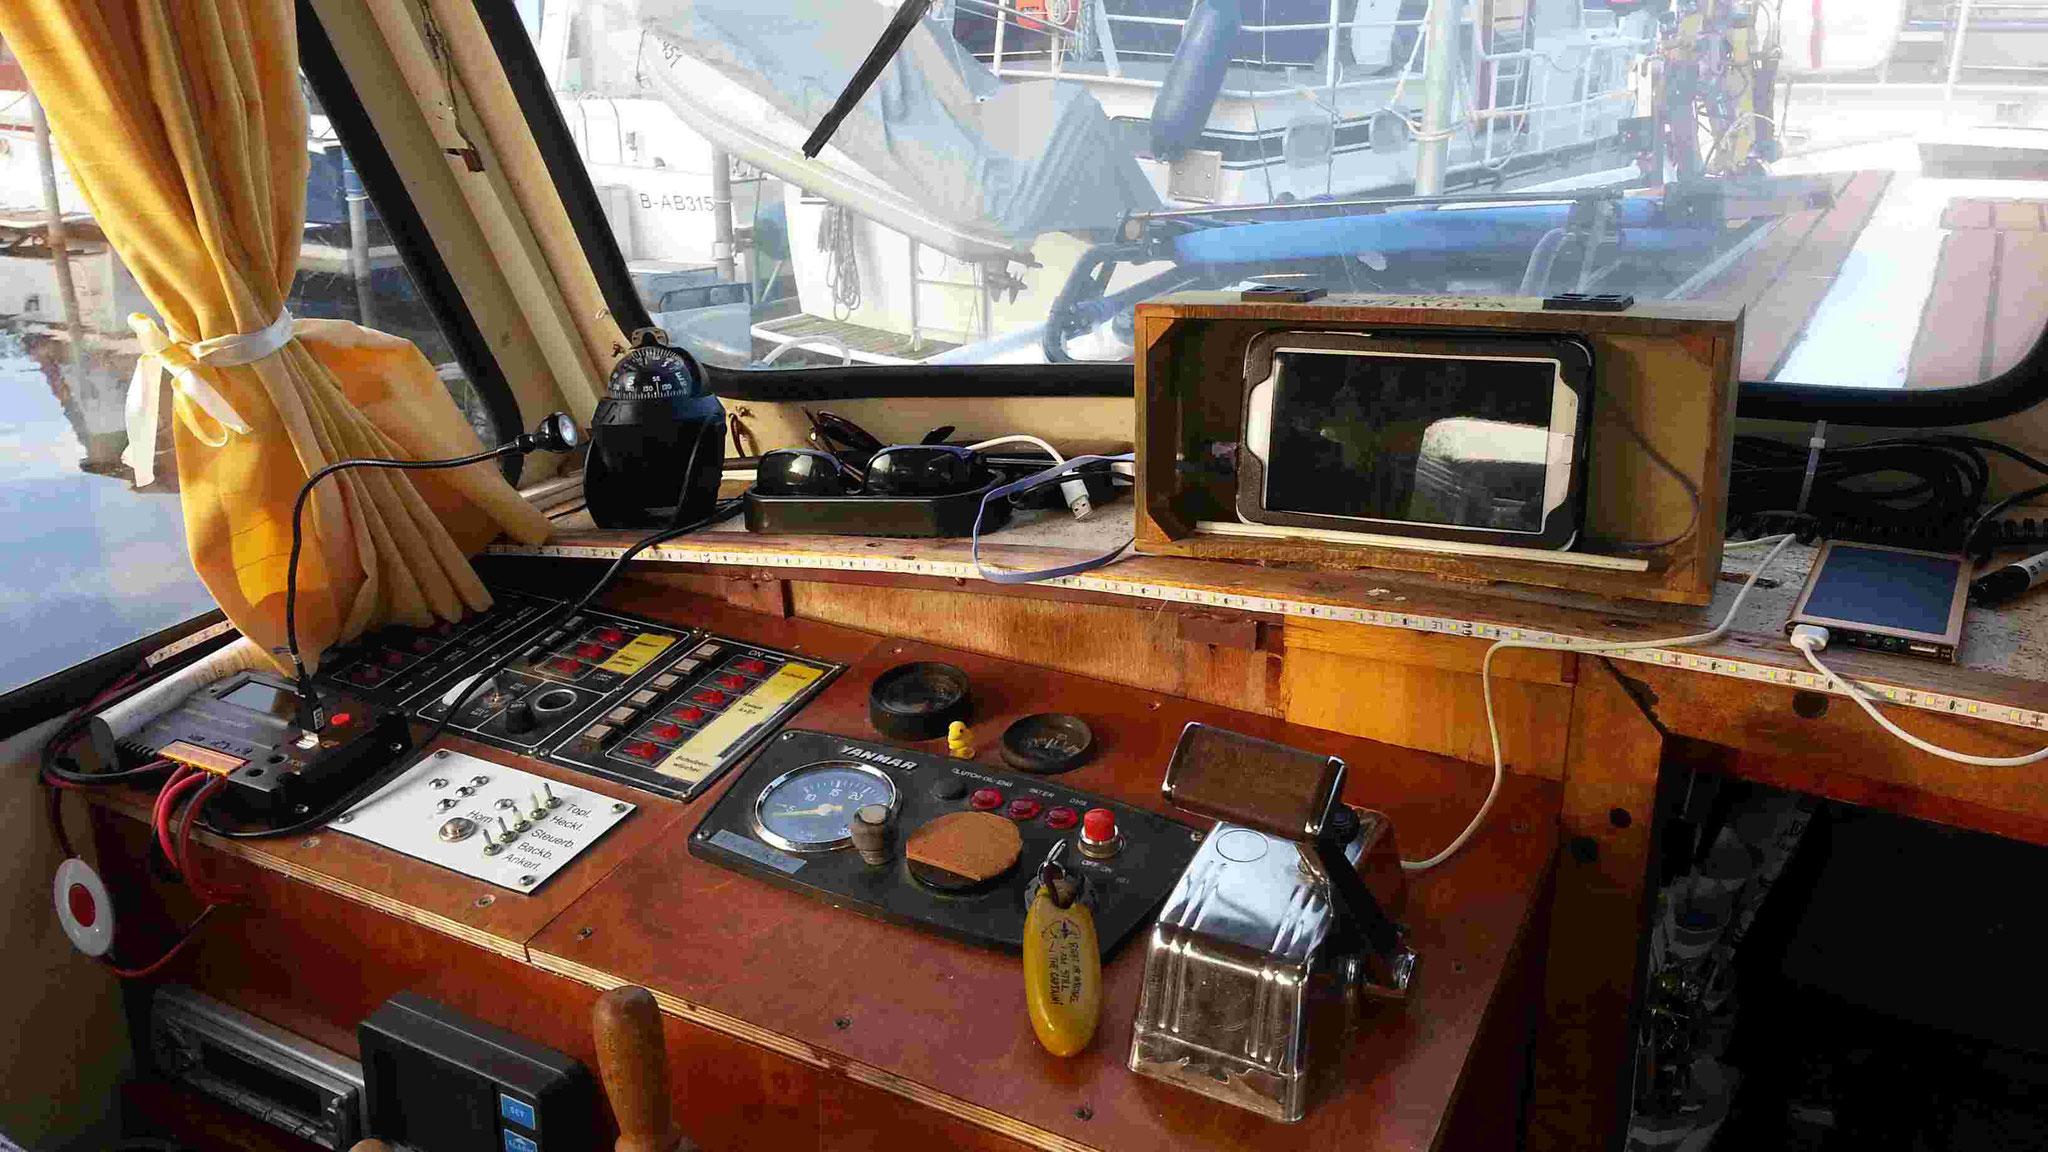 Steuerstand mit Kompass und Navigation